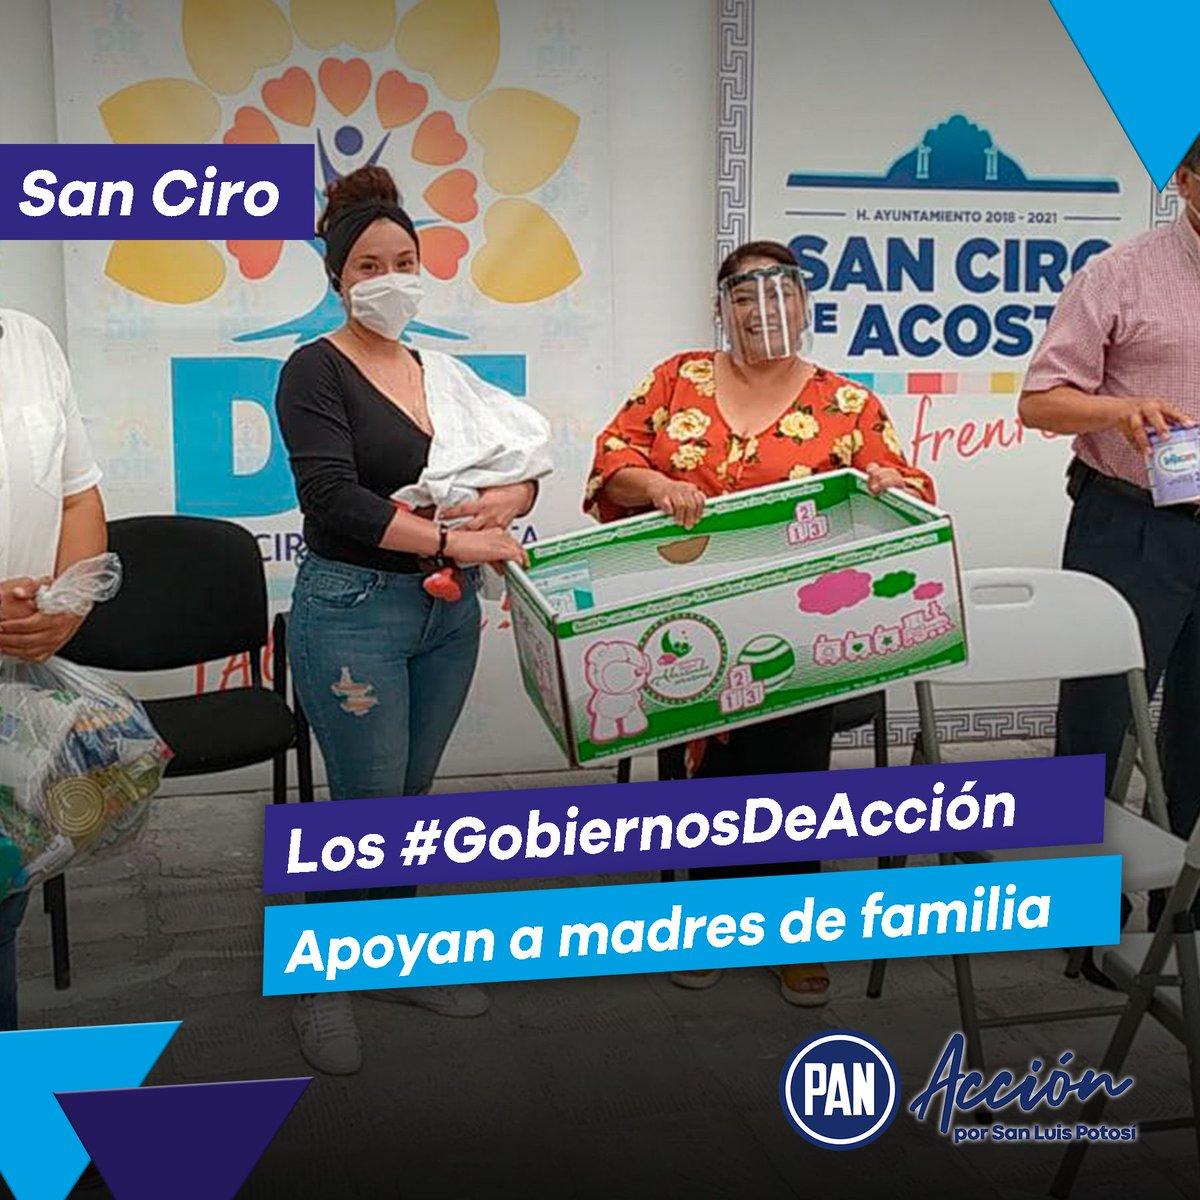 """Nuestros #GobiernosDeAcción se preocupan por el bienestar de las madres de familia.🙌🔵  En San Ciro de Acosta, los gobiernos panistas apoyaron a través del programa """"Construye un futuro, abraza corazones"""" a madres de familia para un mejor desarrollo de los menores de 6 meses.🔵 https://t.co/xLvuWwqhKu"""